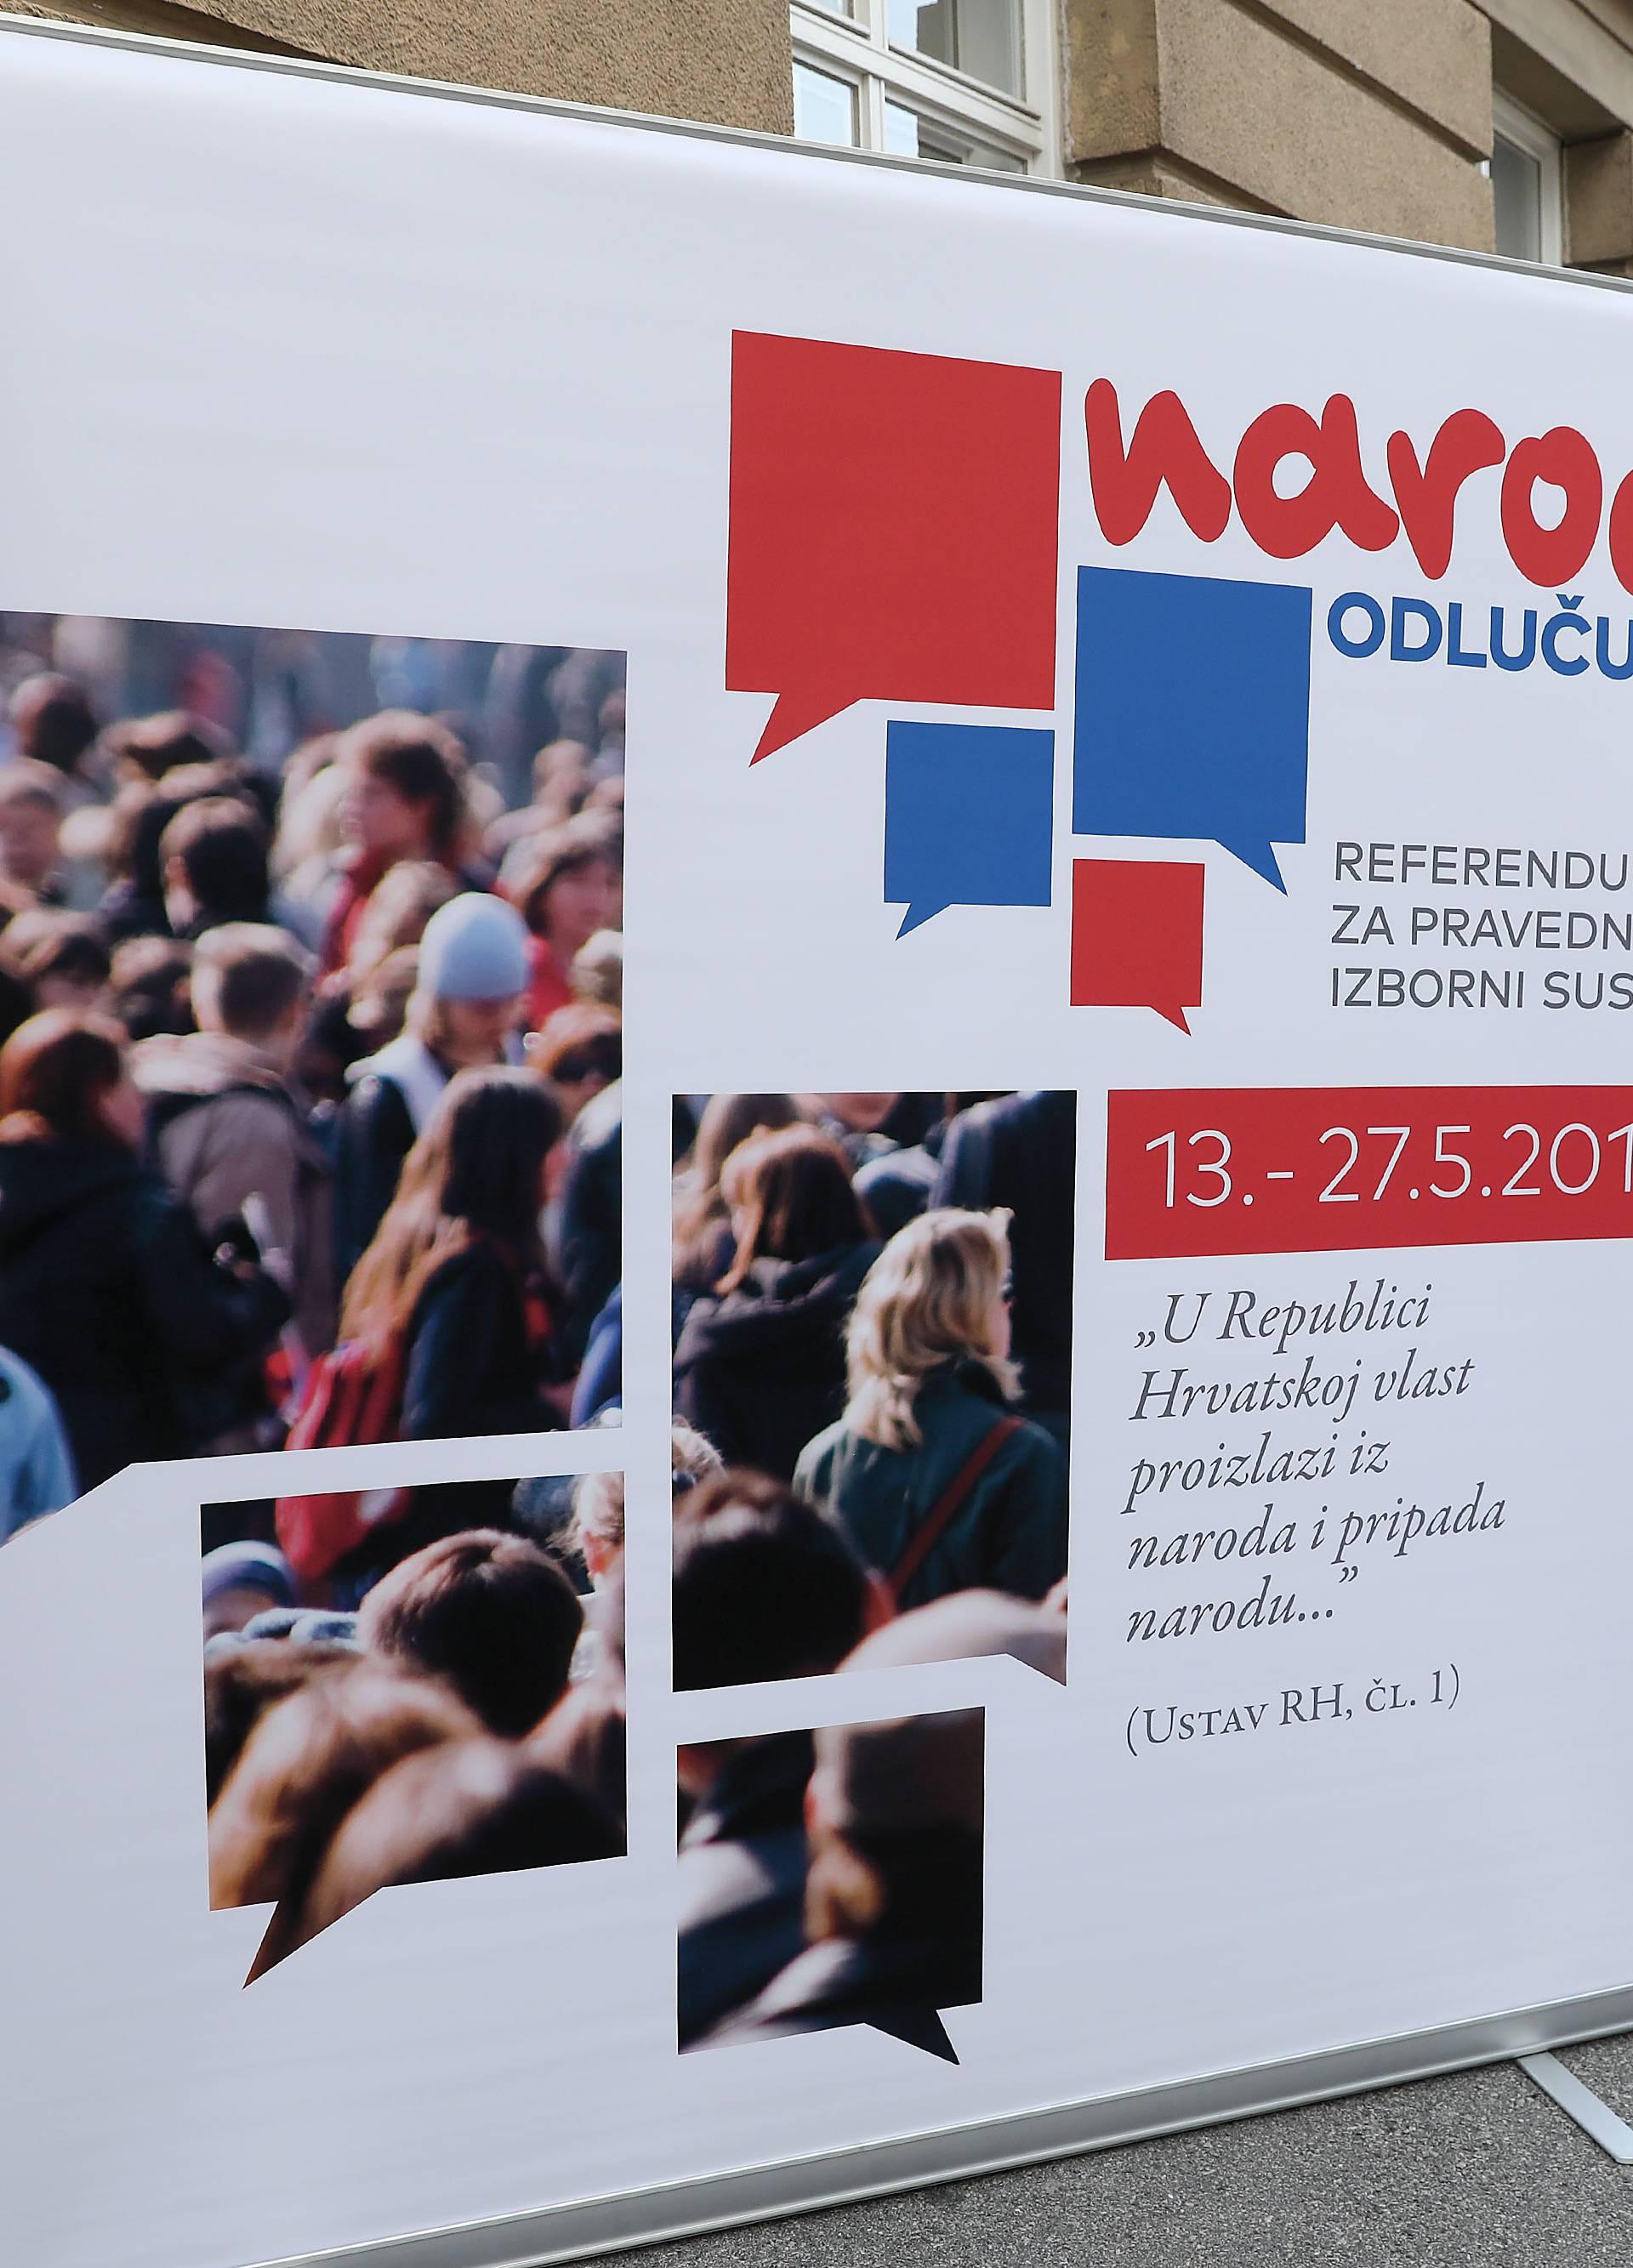 Zagreb: GI Narod odlučuje traži raspisivanje referenduma